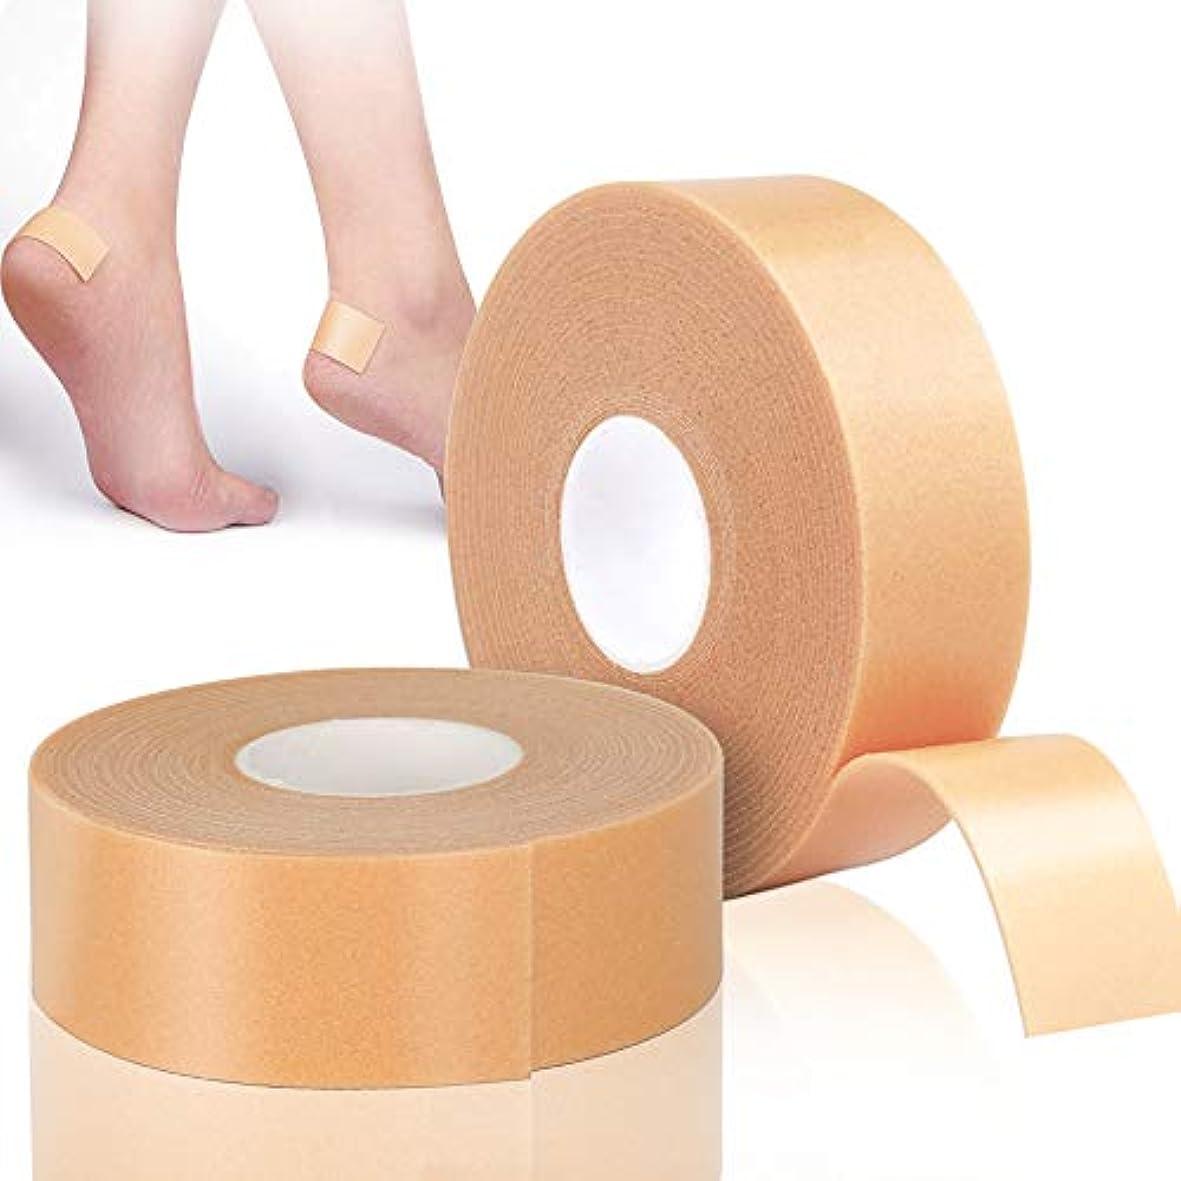 砲撃階下偽造LEOBRO 靴ずれ保護テープ 靴擦れ防止 かかと保護 衝撃吸収保護パッド 【2巻入り】 2.5cm*5m 肌色 防水素材 強粘着 足首保護パッド 耐摩耗 かかと痛み緩和